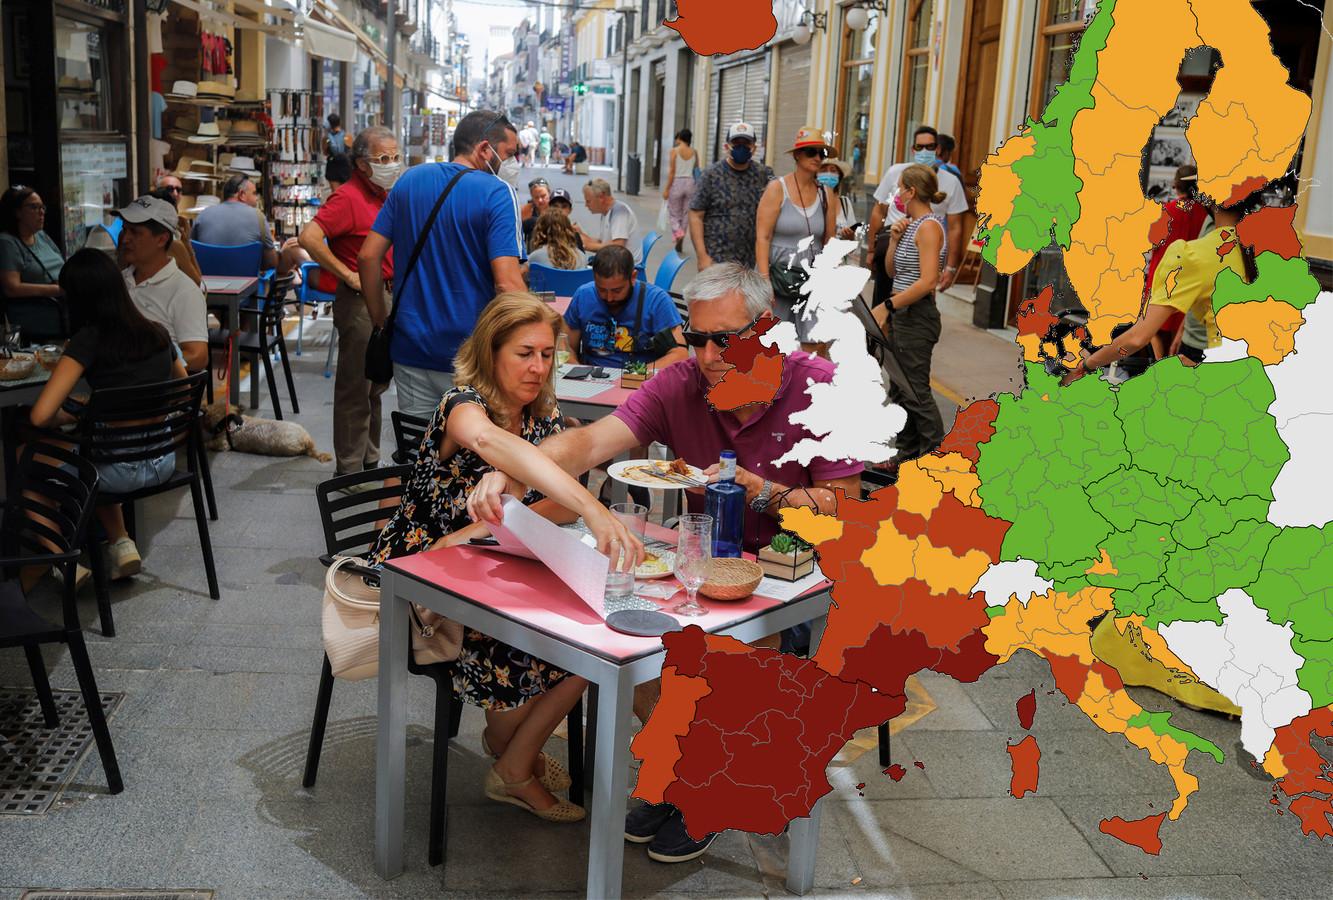 Touristen in Ronda, het zuiden van Spanje.